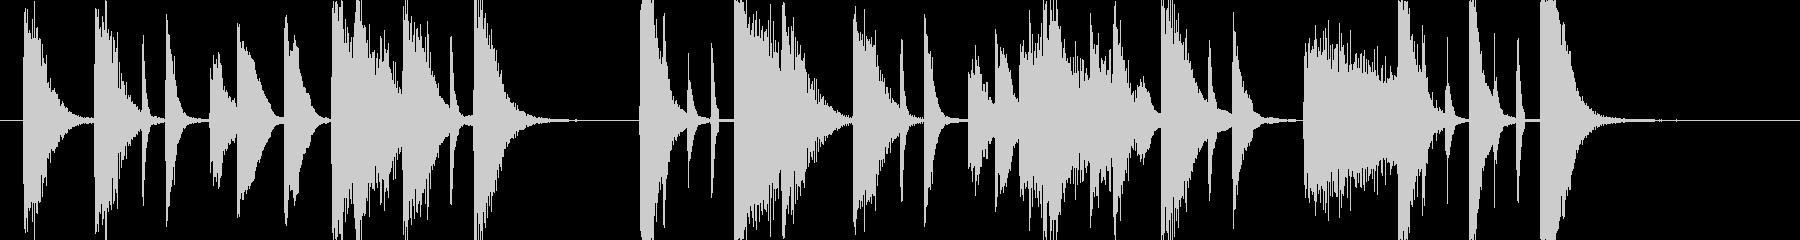 歯切れ良いピアノのジングル 006の未再生の波形